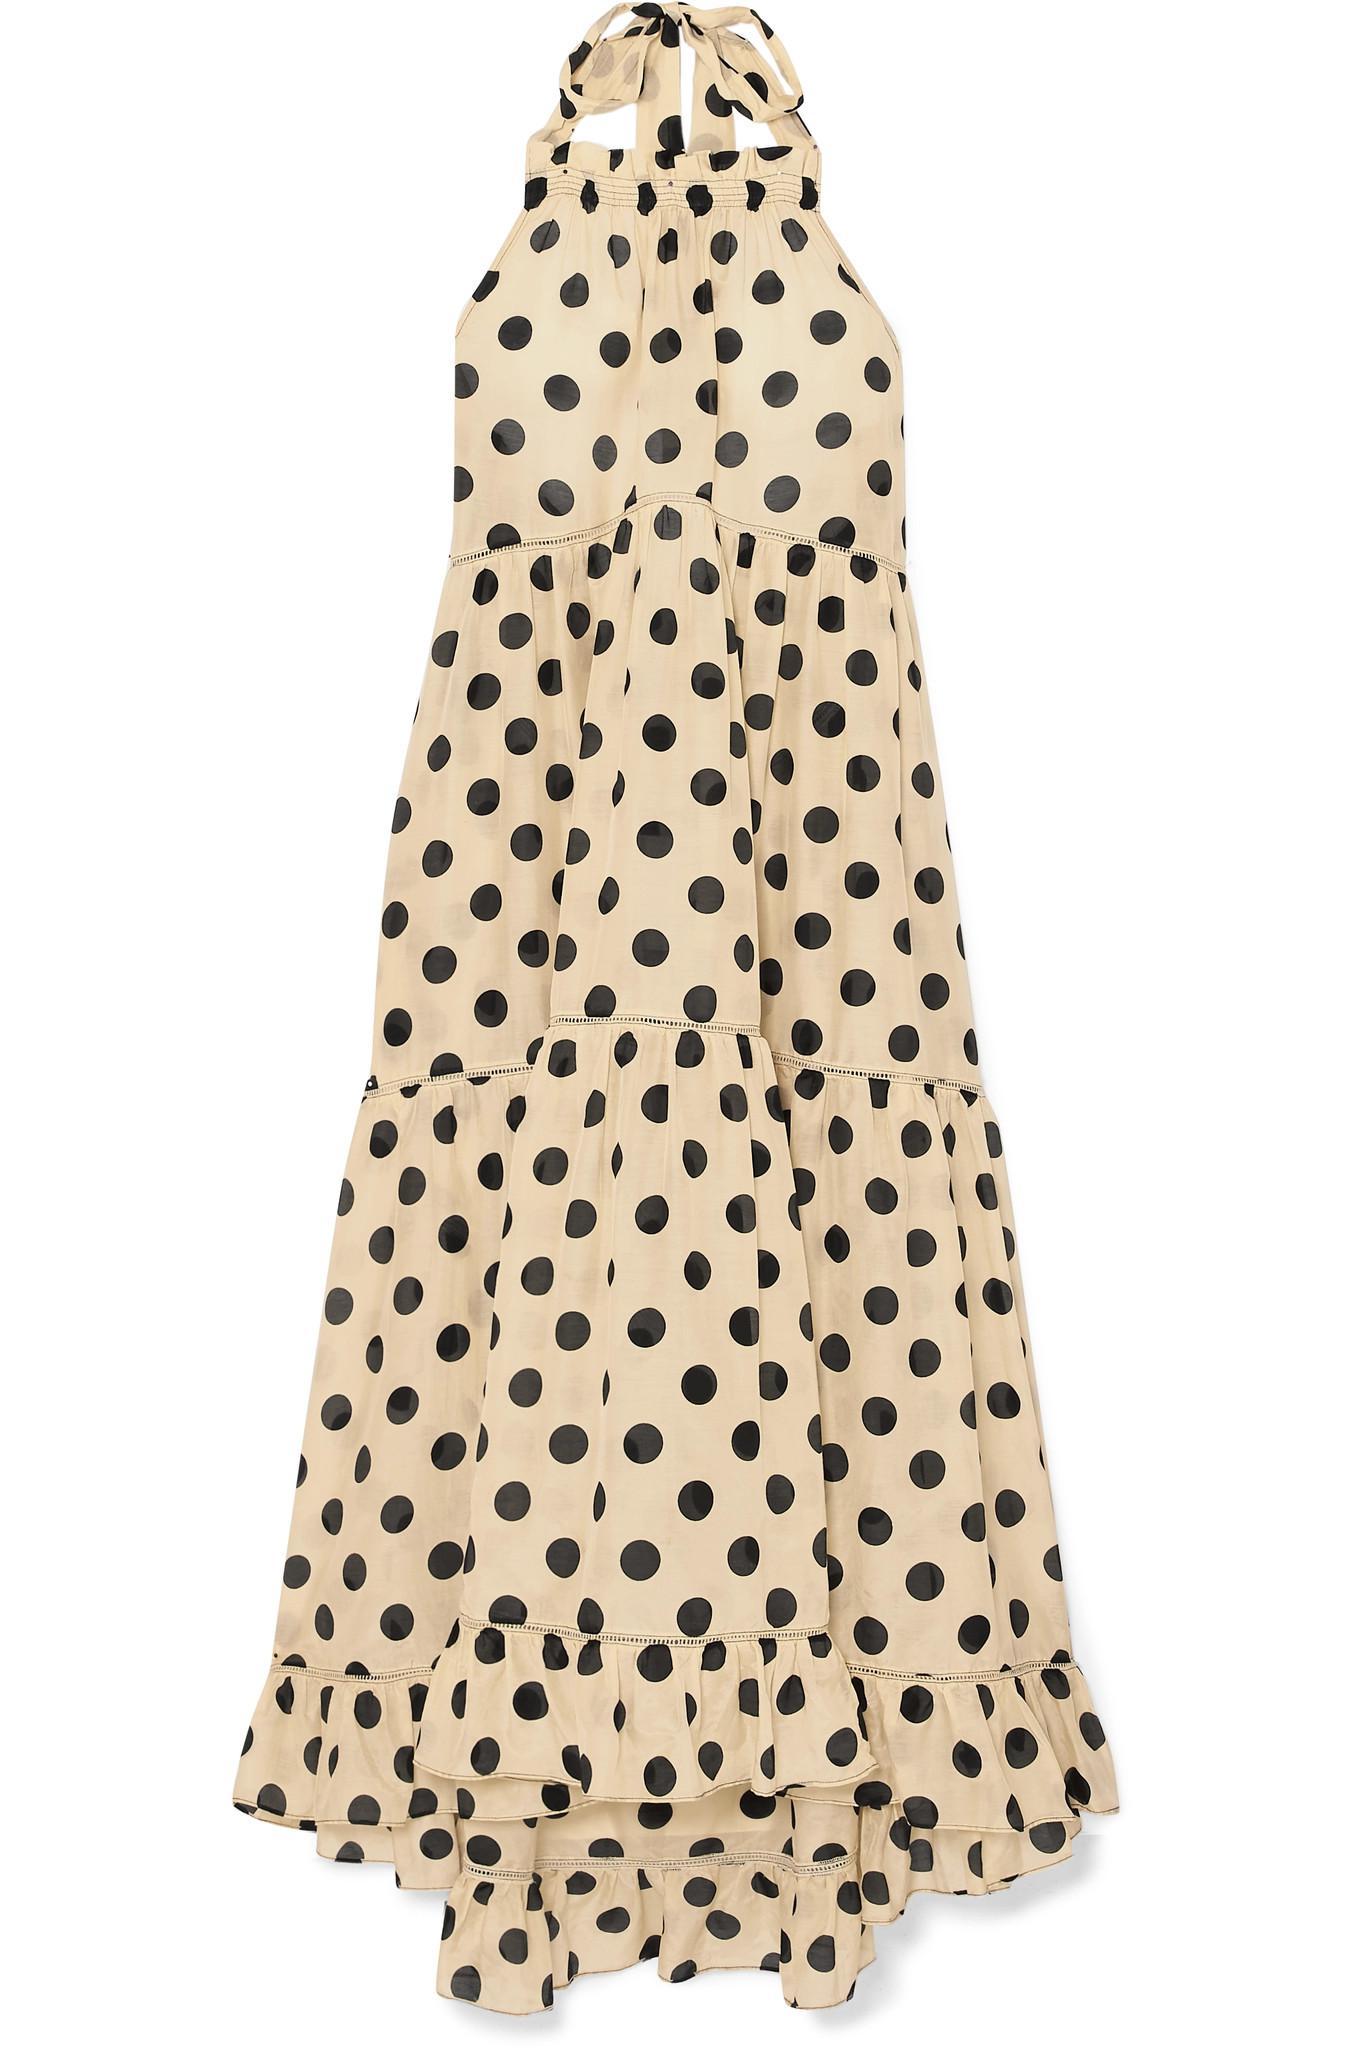 8e2b4f27d lee-mathews-beige-Minnie-Polka-dot-Silk-And-Cotton-blend-Halterneck-Dress .jpeg